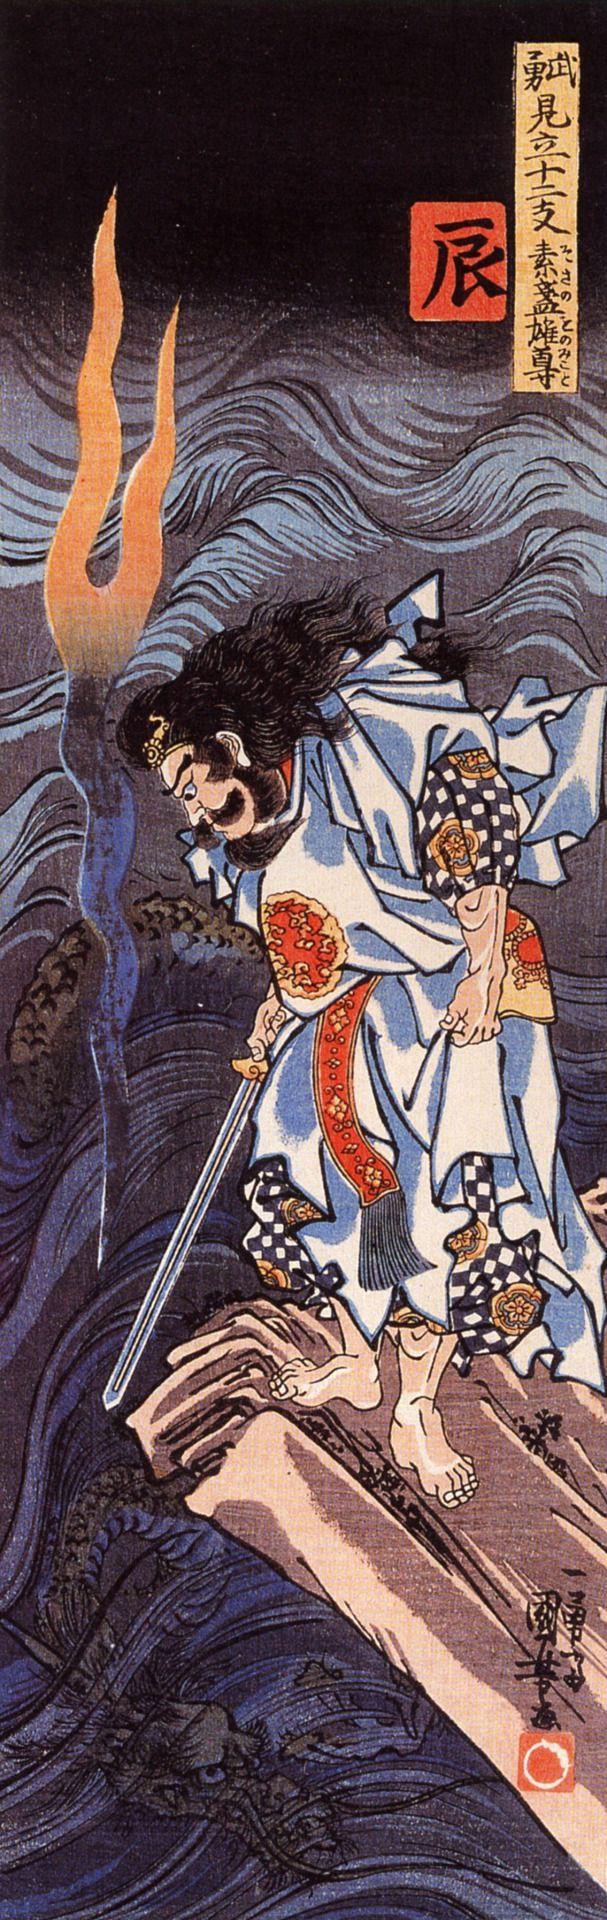 Utagawa Kuniyoshi Susano'o slaying the Yamata no Orochi